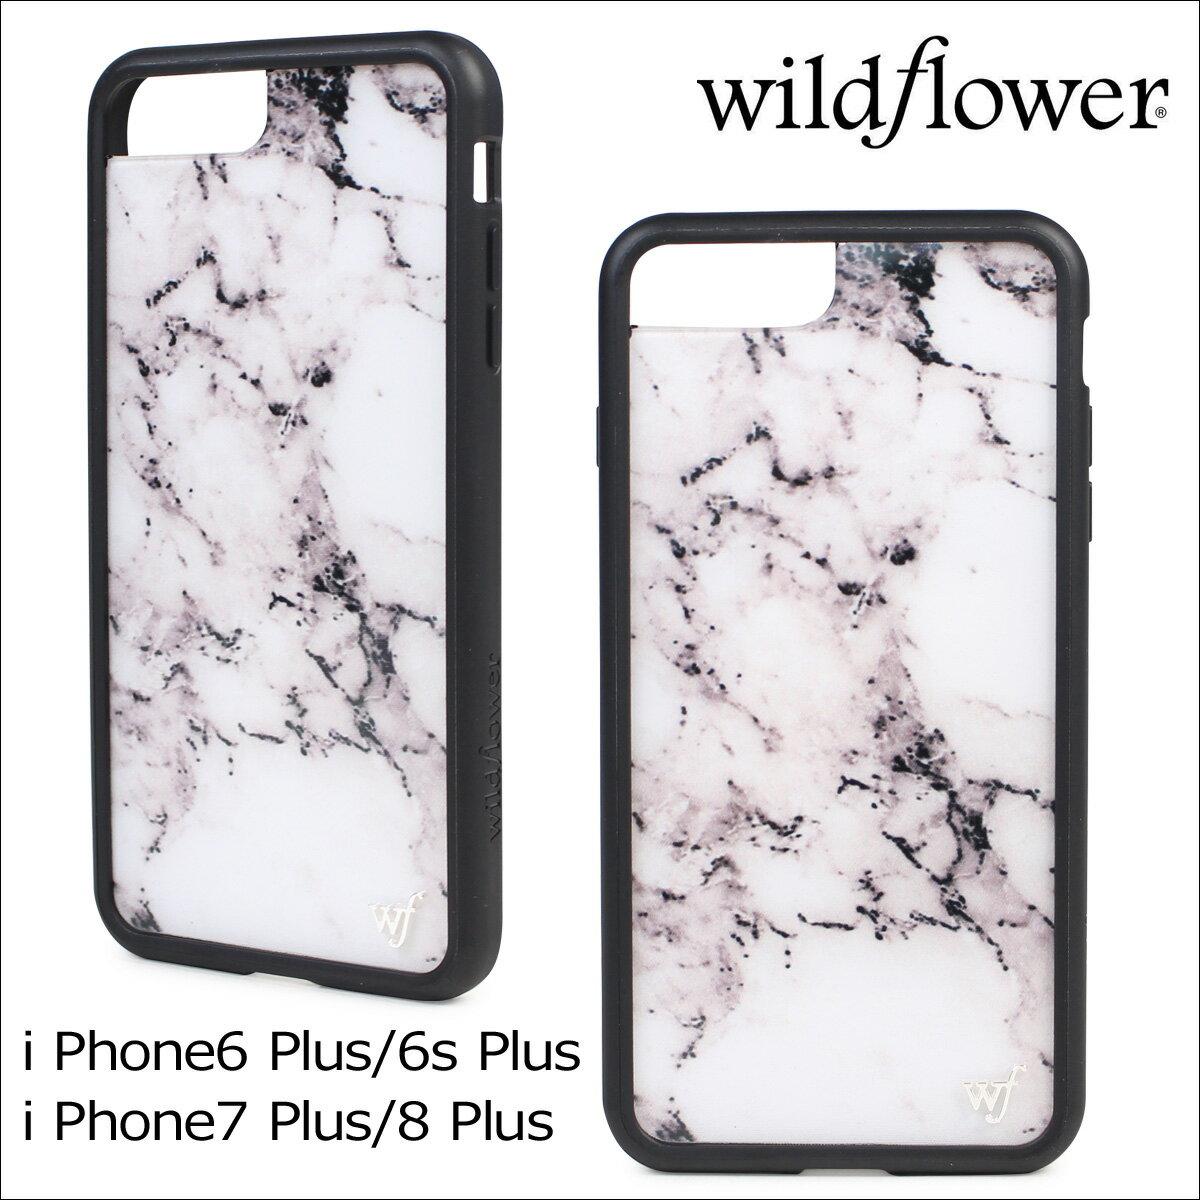 wildflower ケース スマホ iPhone8 Plus ワイルドフラワー iPhone ケース 7 6s 6 アイフォン レディース ハンドメイド [12/28 追加入荷] 【ネコポス可】